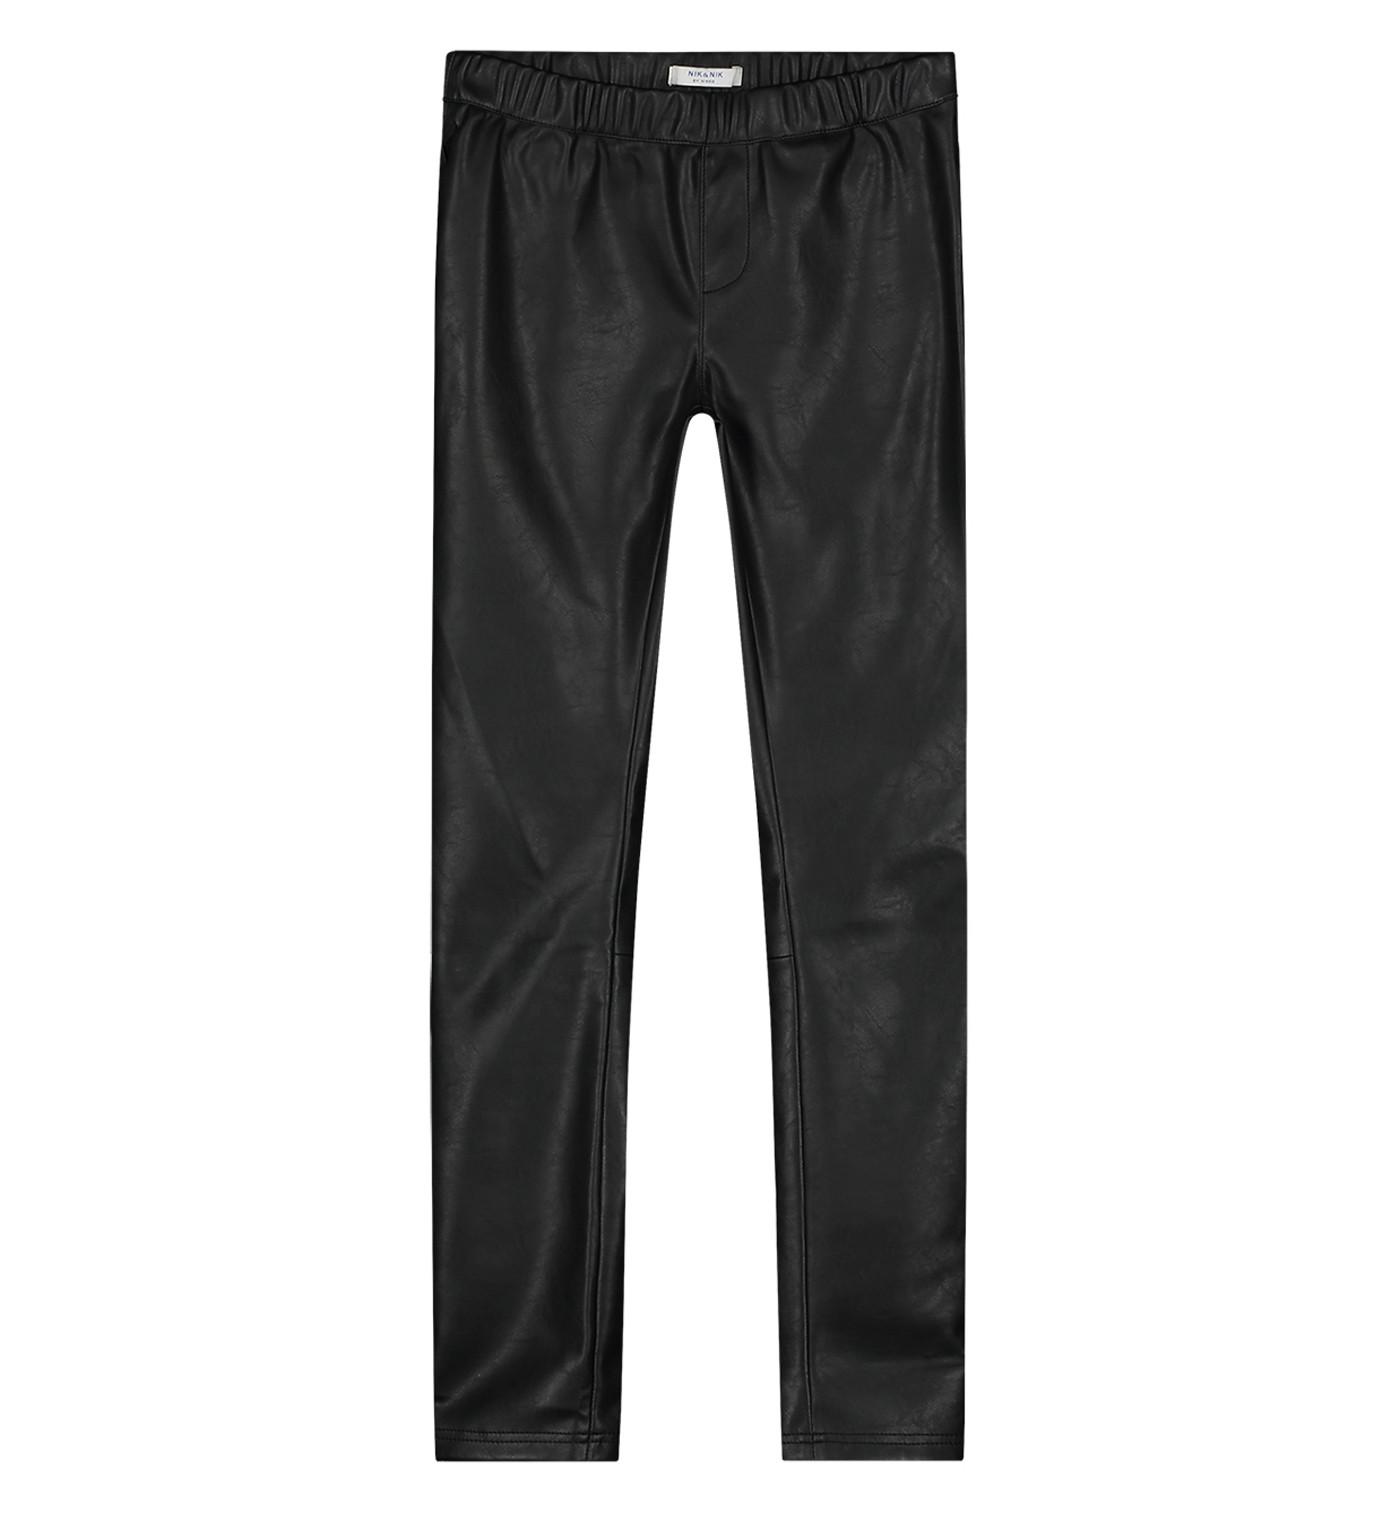 Afbeelding van Nik & Nik Lange broek g2-158 1905 fana pants zwart